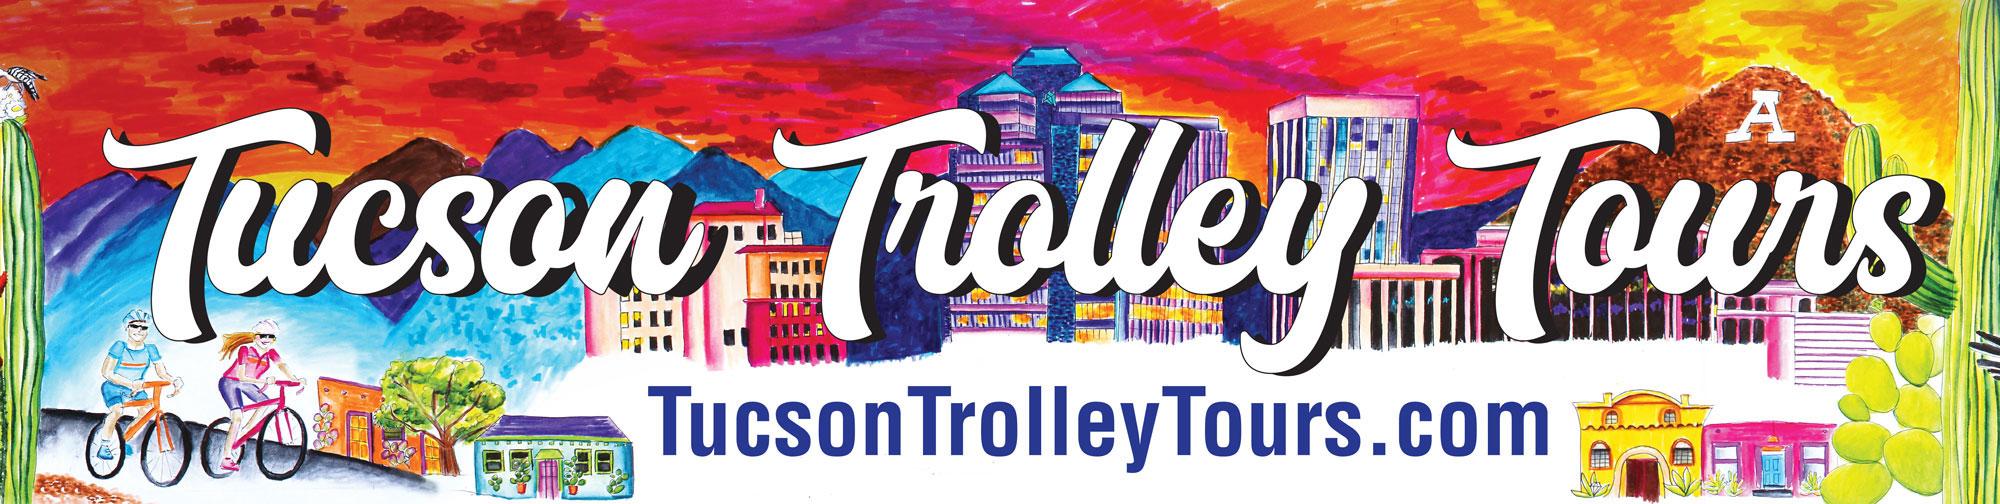 Tucson Trolley Tours